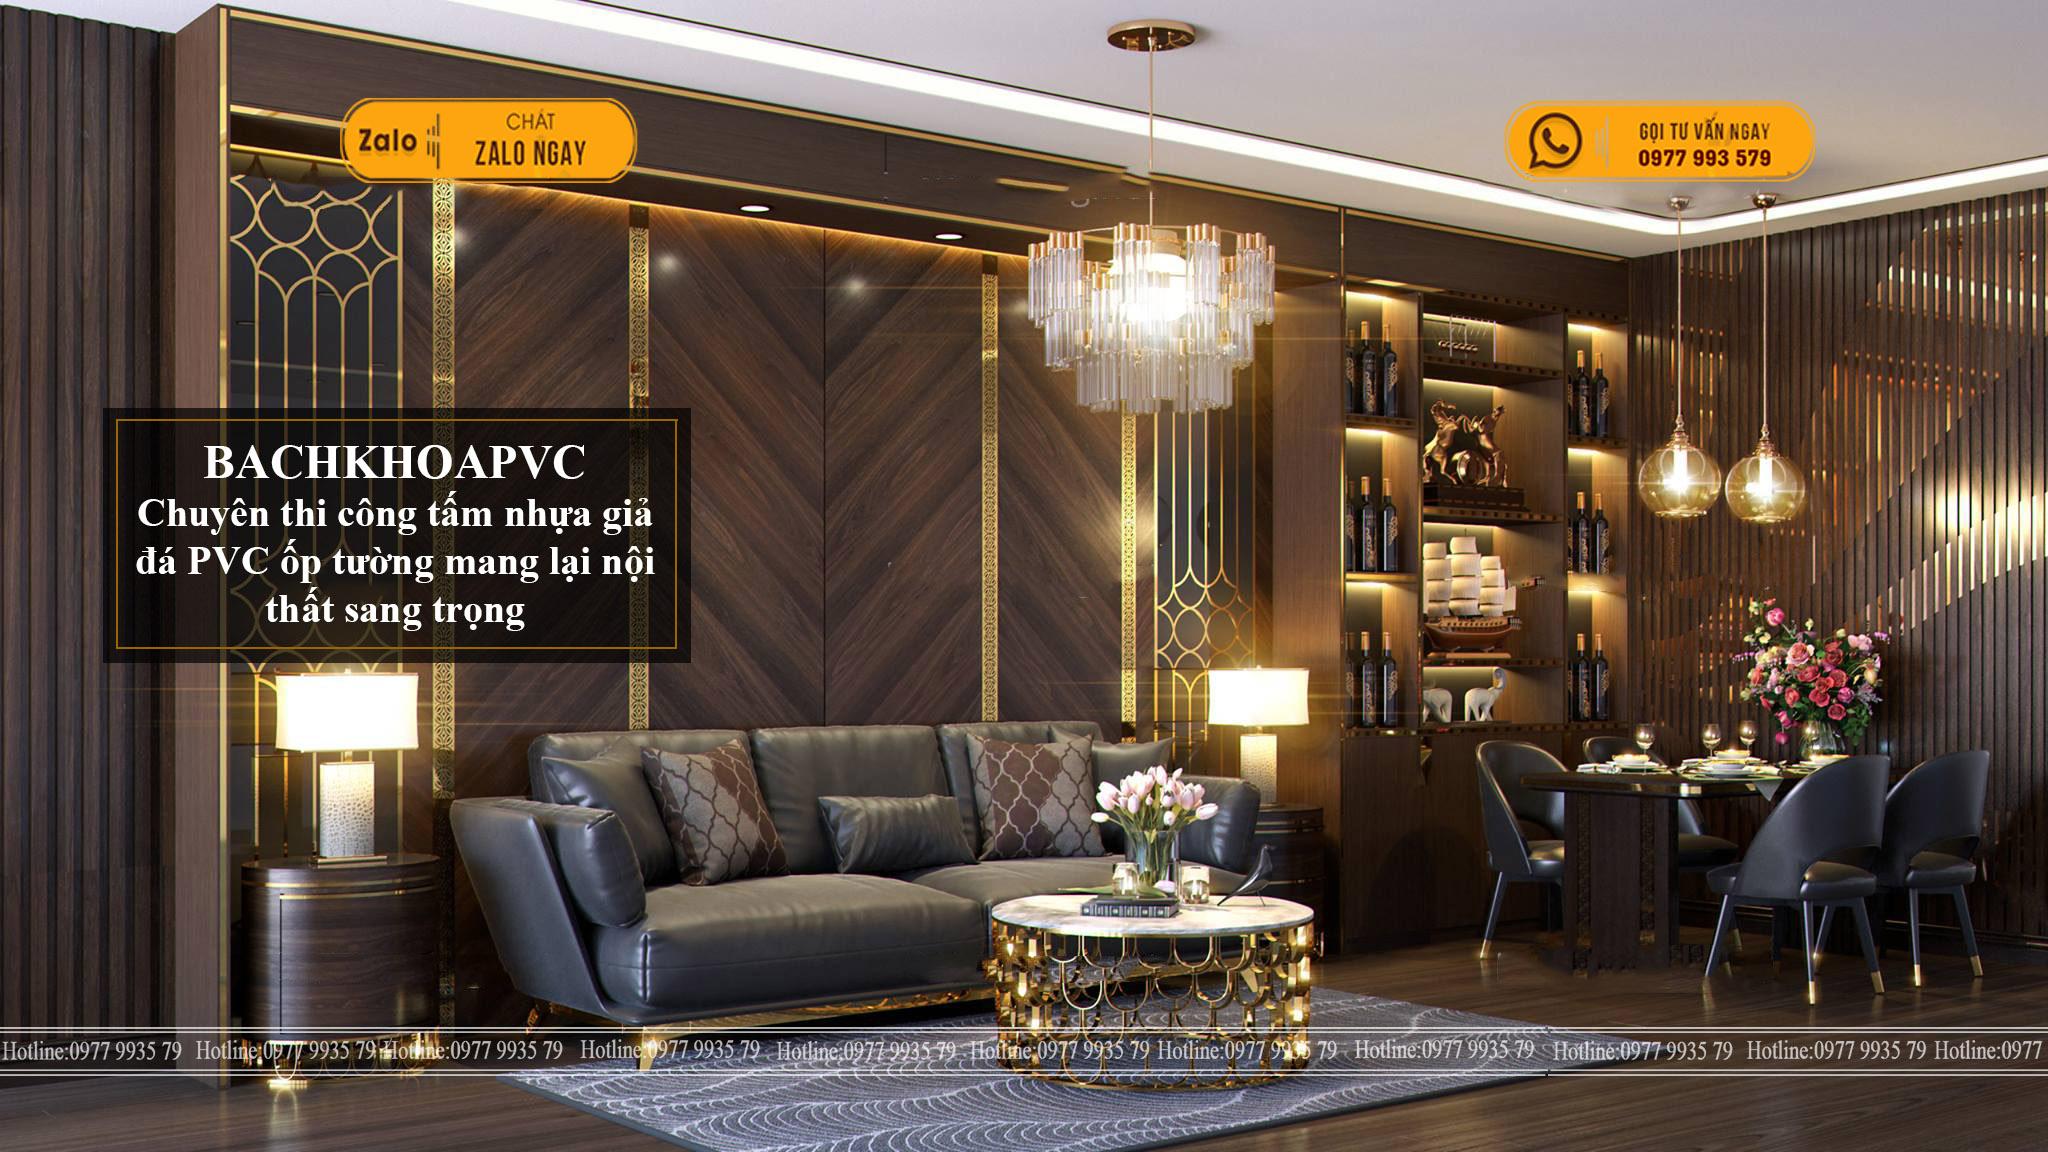 Tấm ốp tường giả gỗ - Bí kíp giúp nội thất sang và đẹp hơn